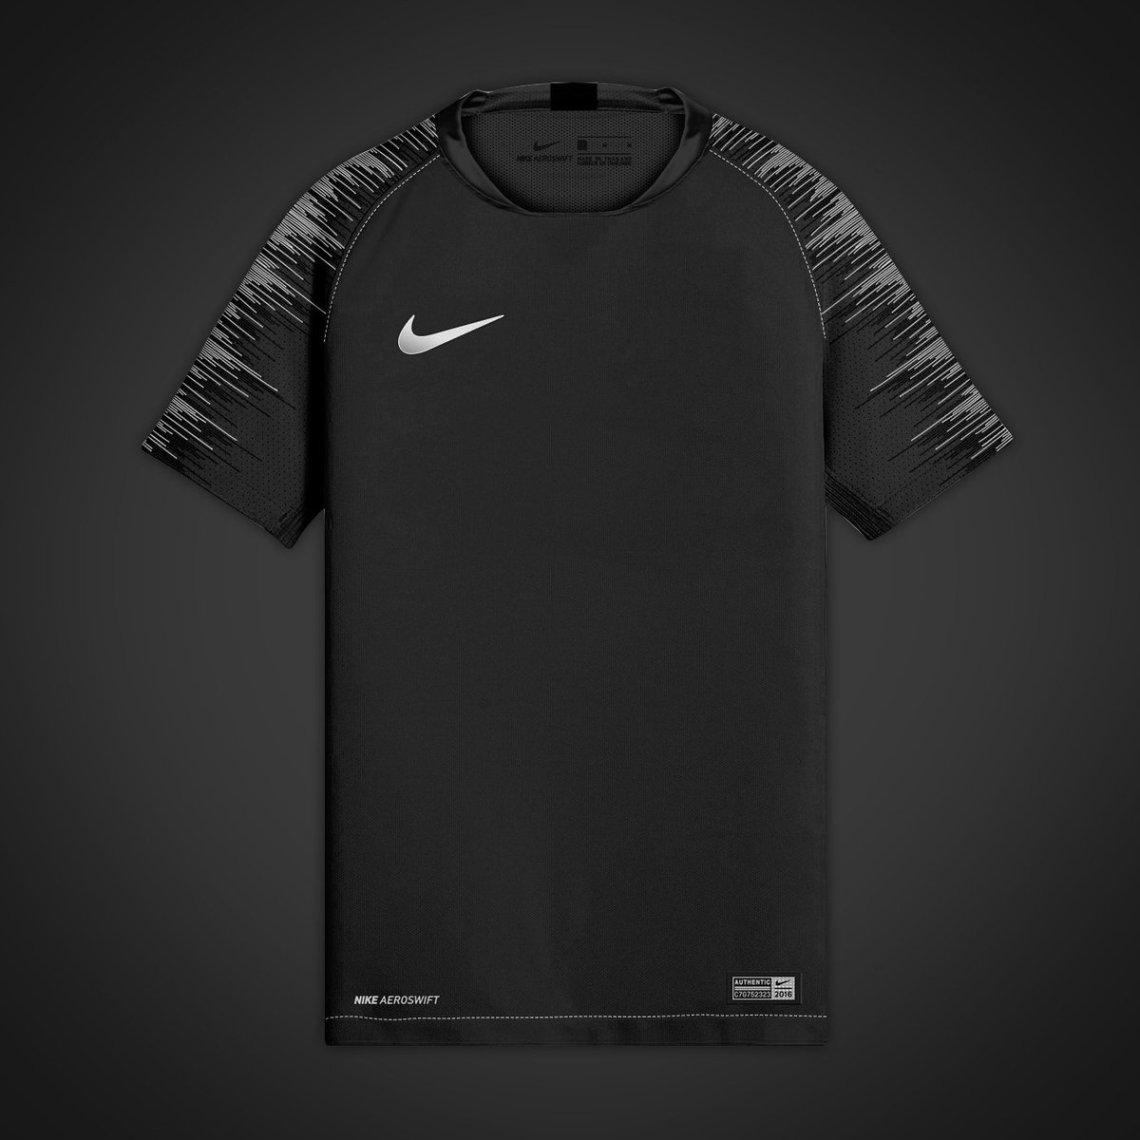 Download Mockup Jersey Nike 2019 - Jersey Kekinian Online